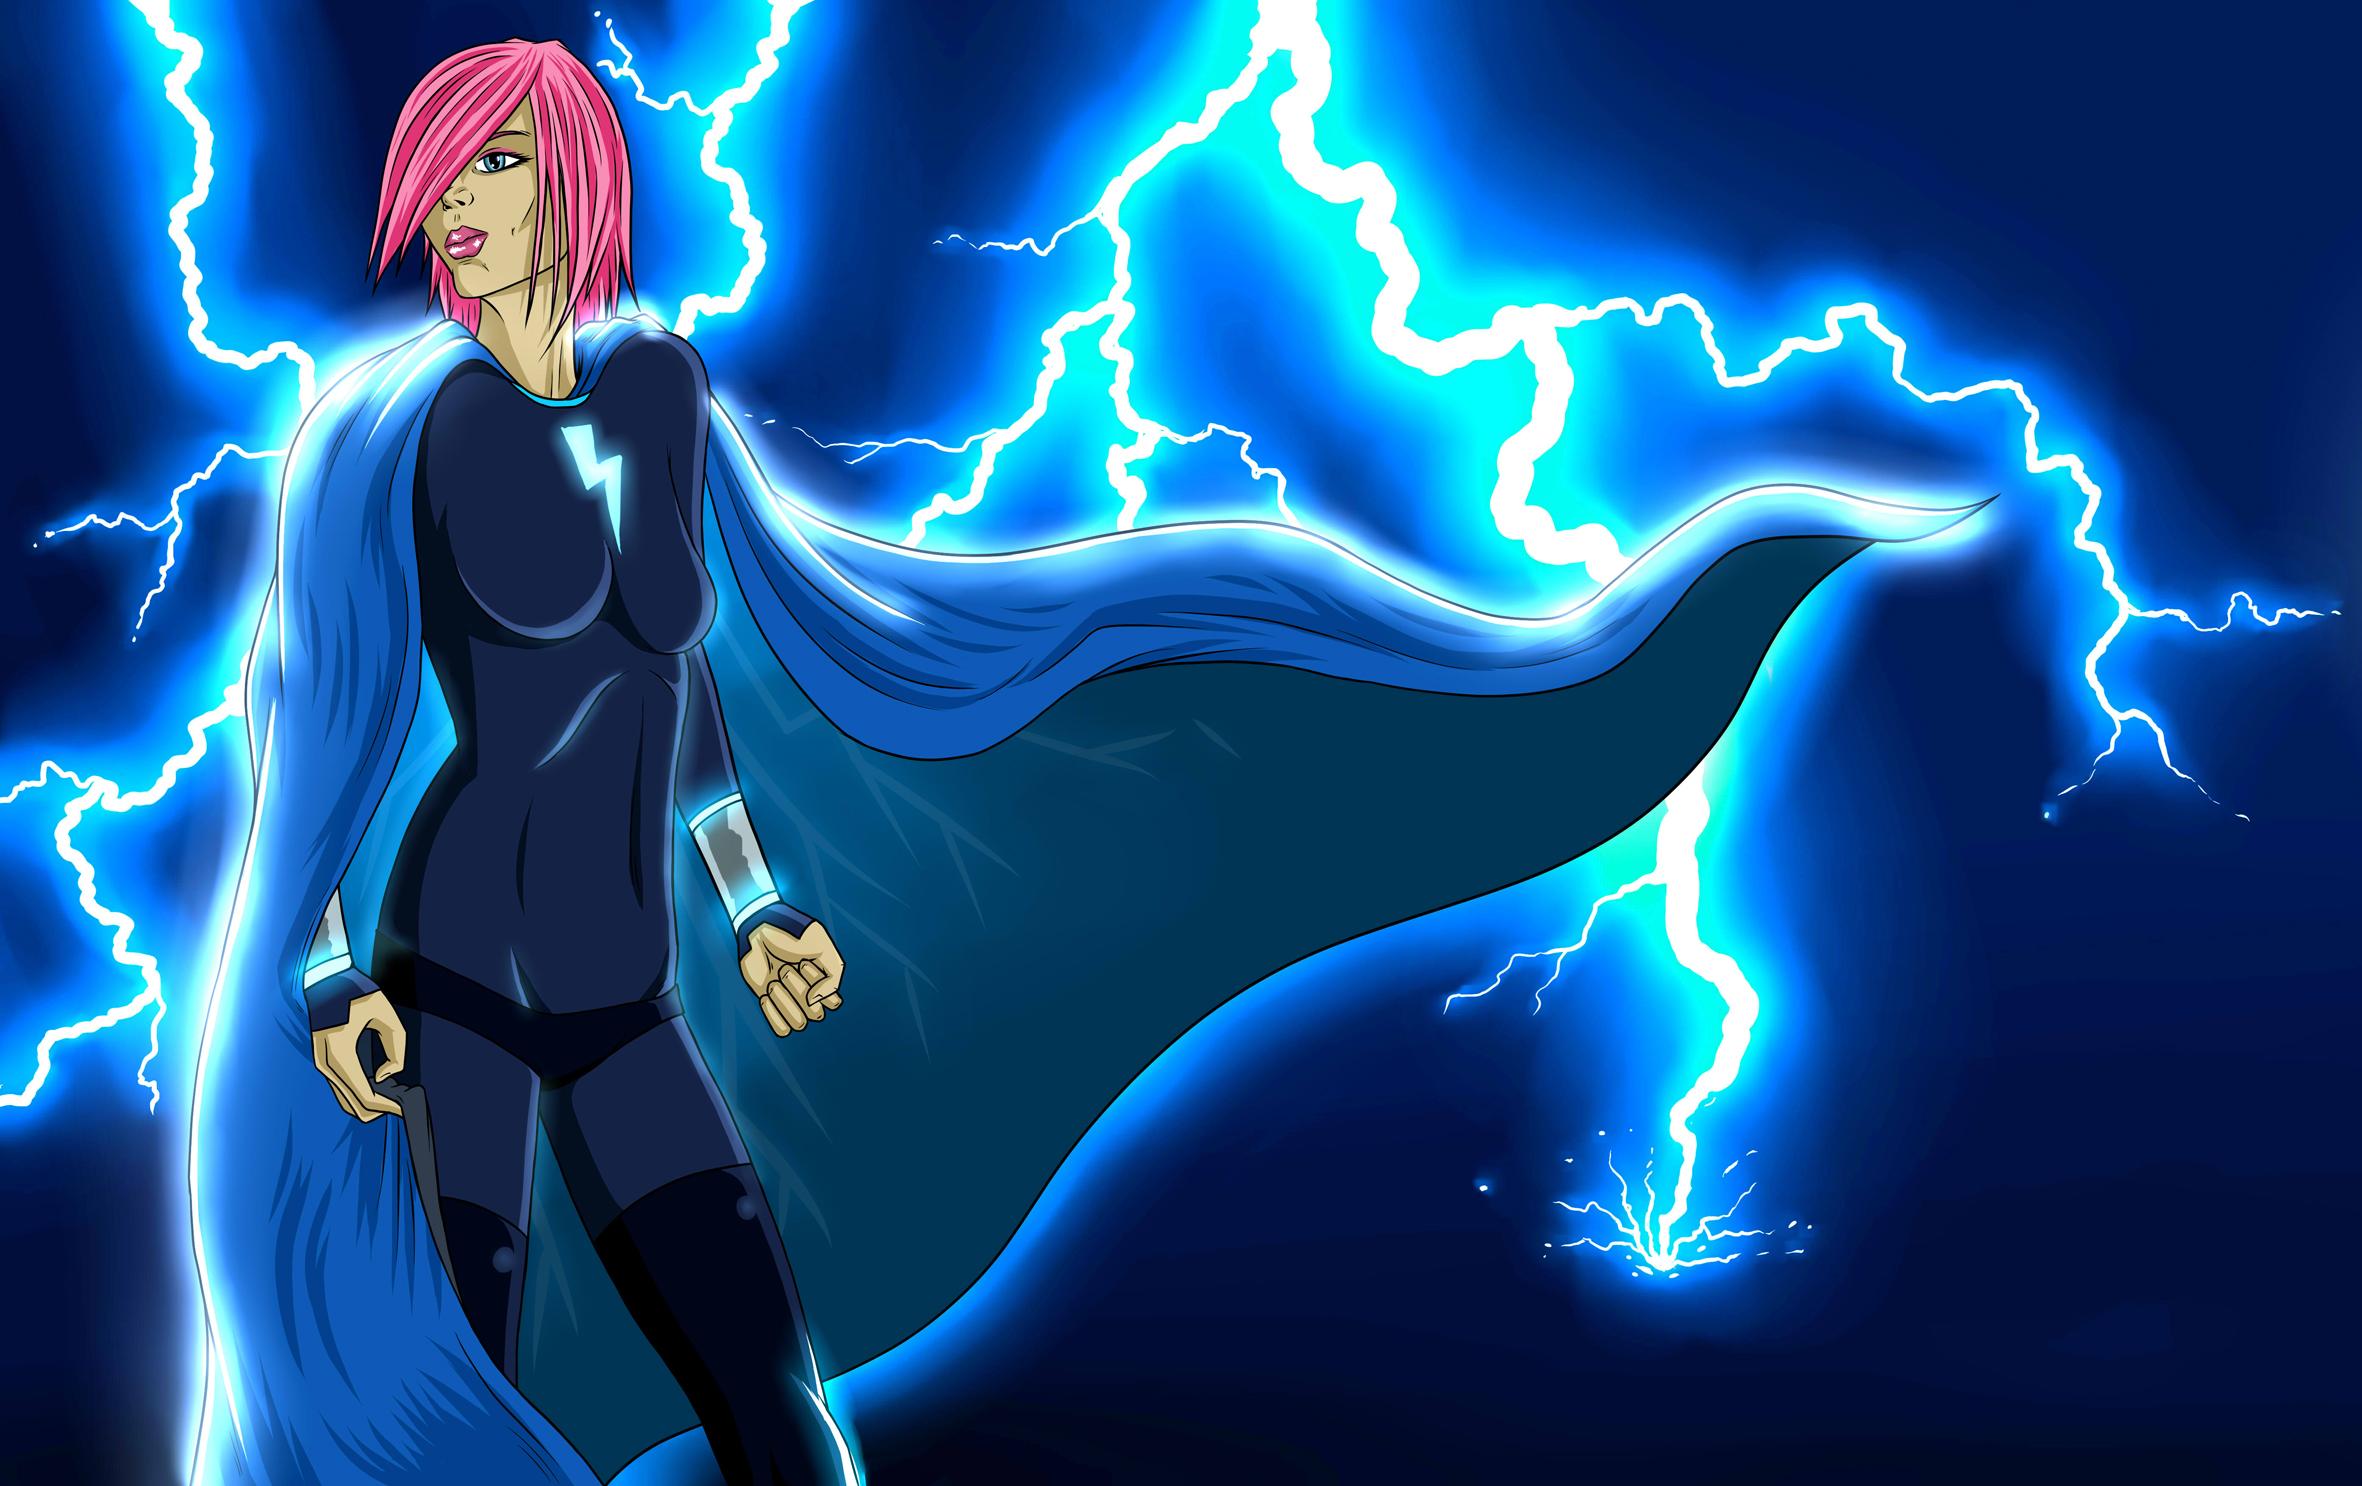 Miss Lightning